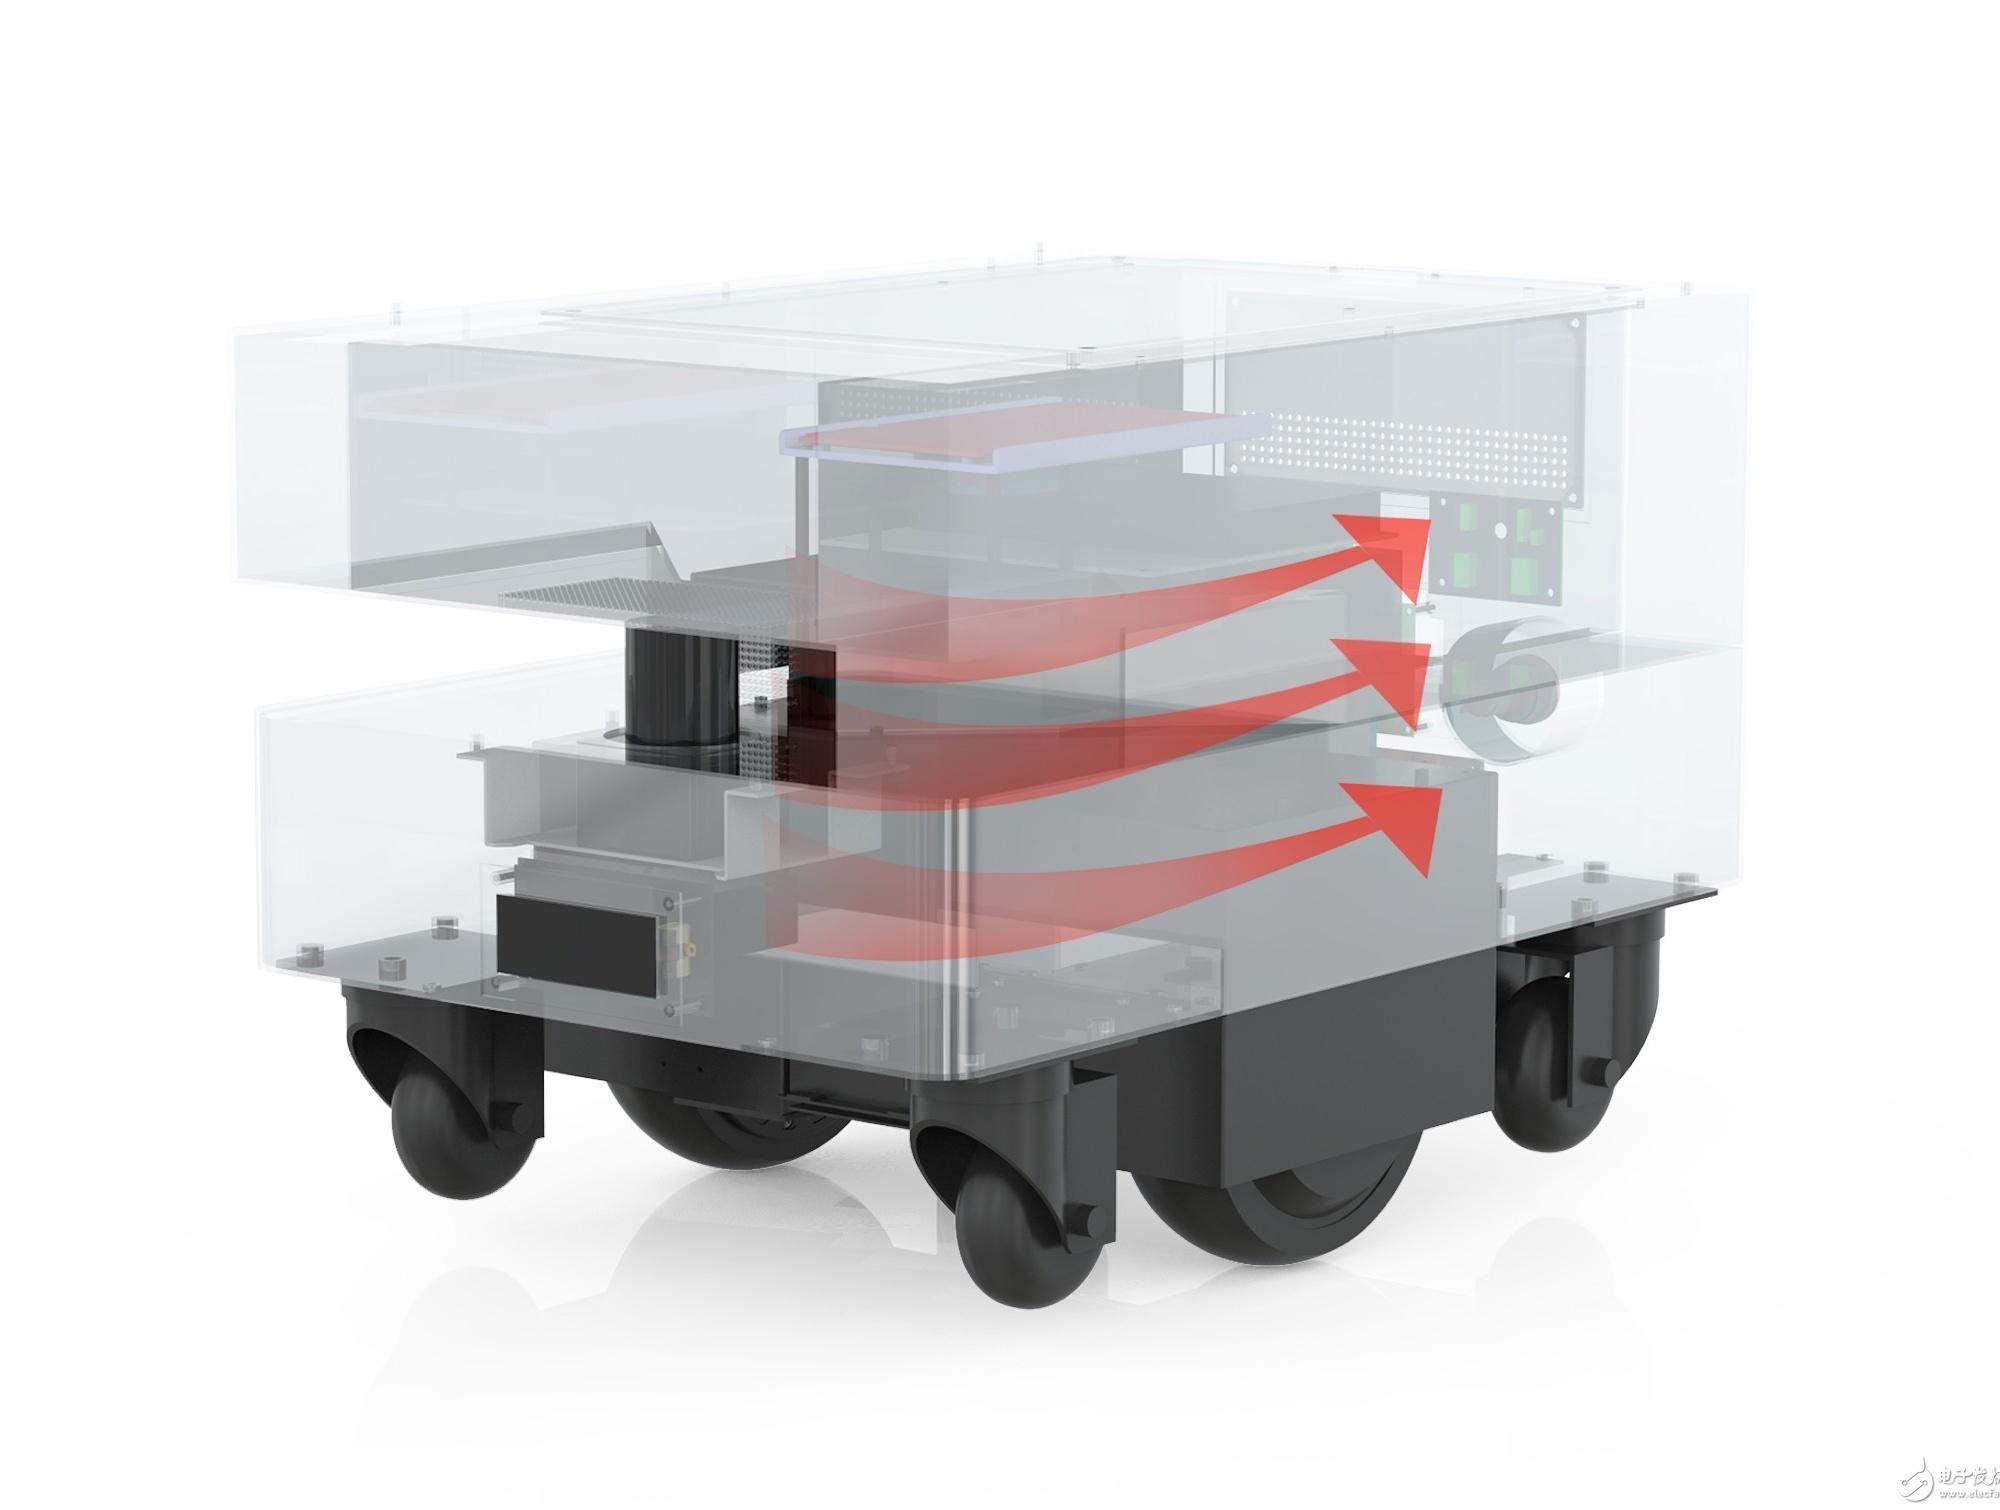 浅析导航底盘如何解决服务机器人室内自主移动难题